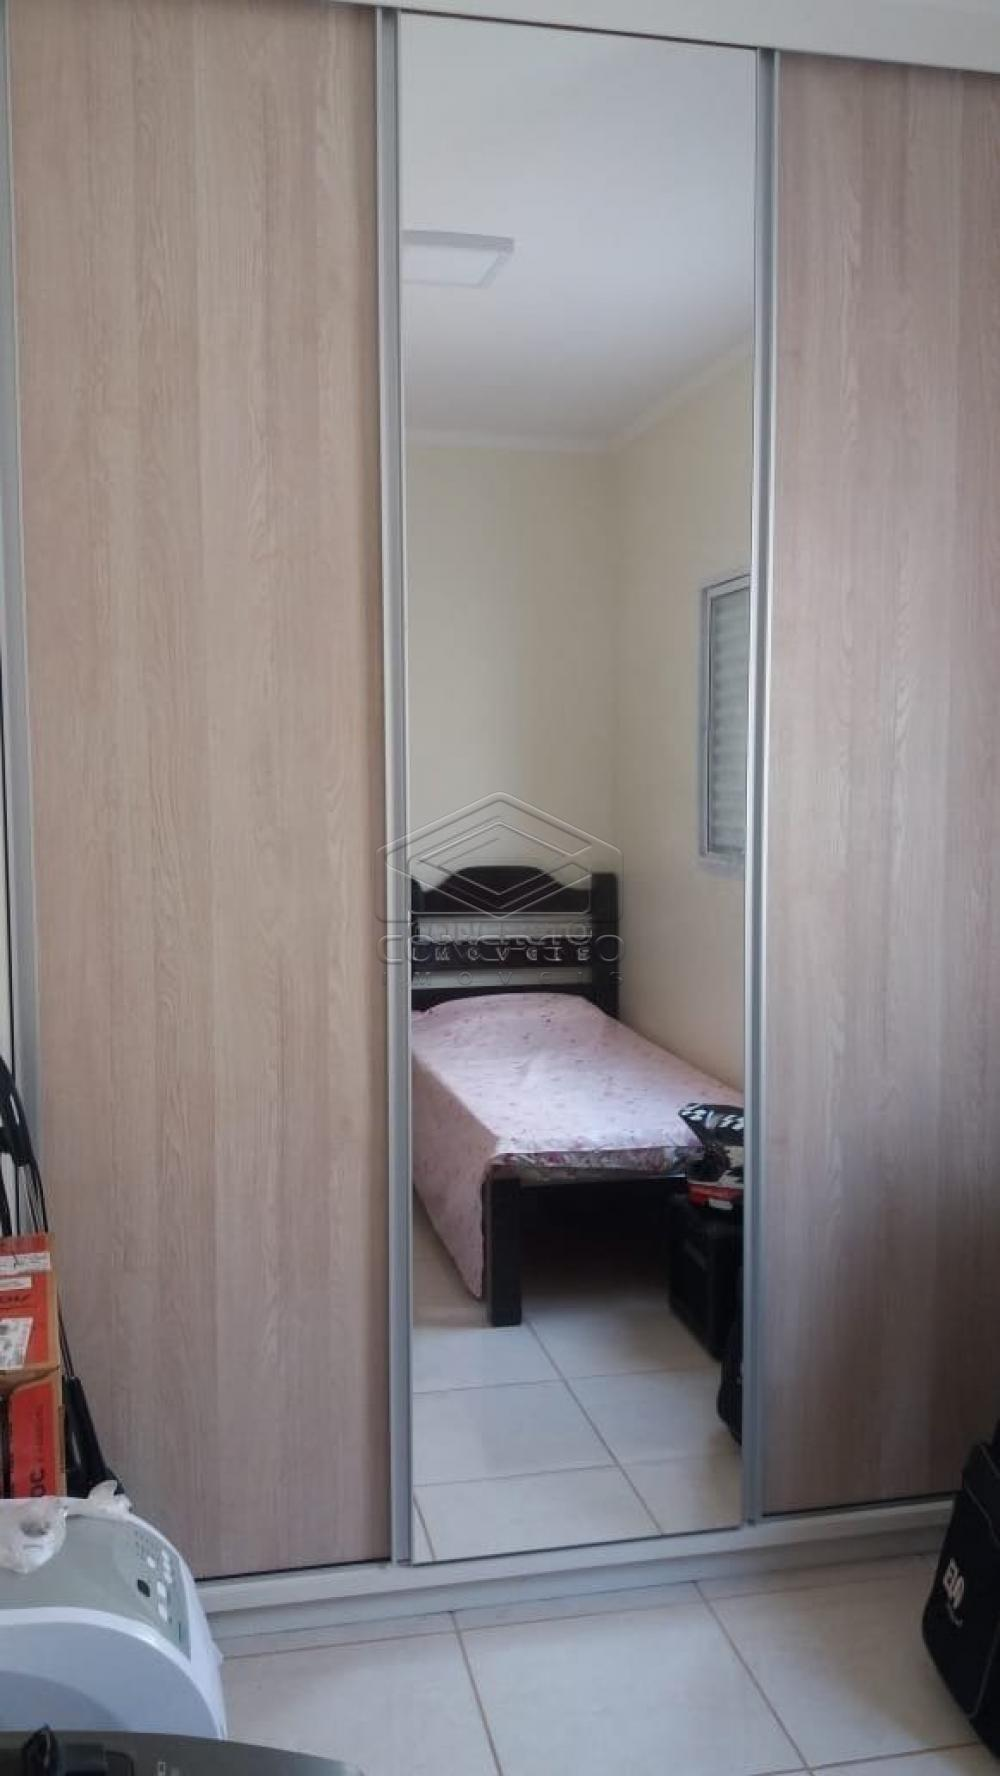 Alugar Casa / Padrão em Bauru apenas R$ 951,00 - Foto 18